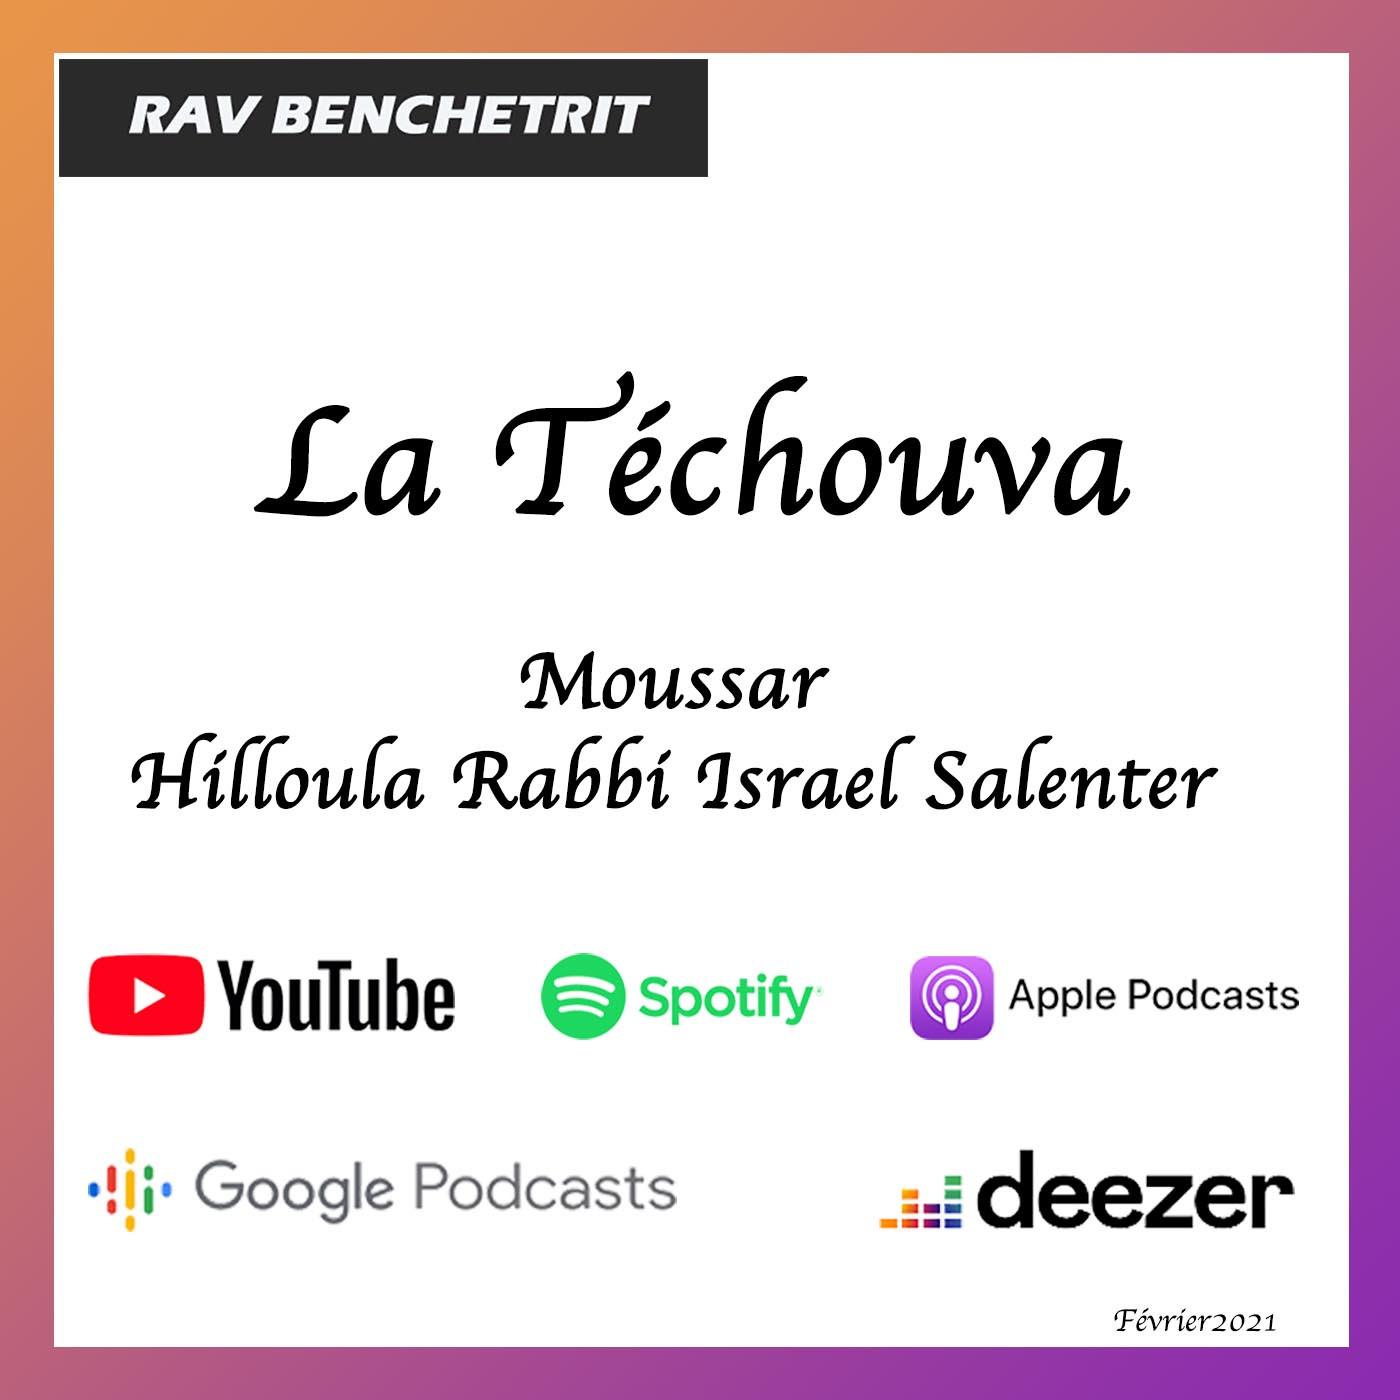 La Techouva